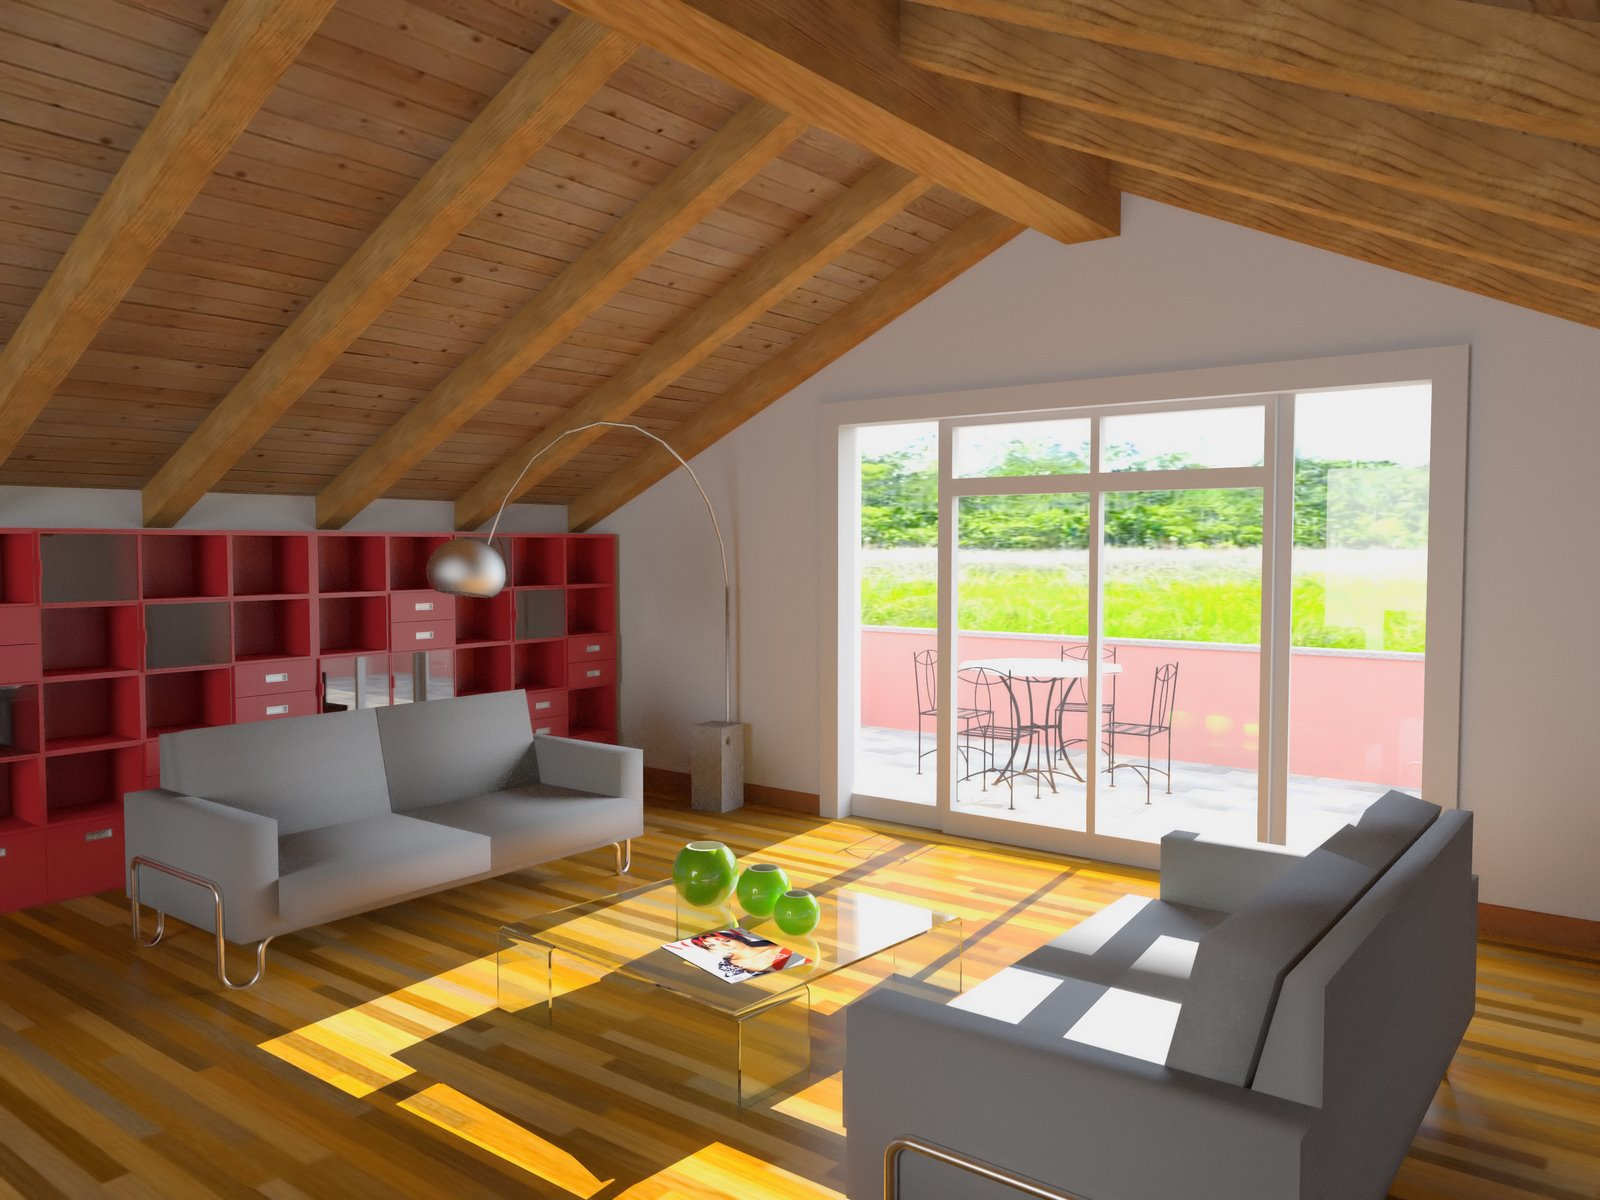 Moderno ed innovativo salotto realizzato in mansarda - Bagno in mansarda non abitabile ...